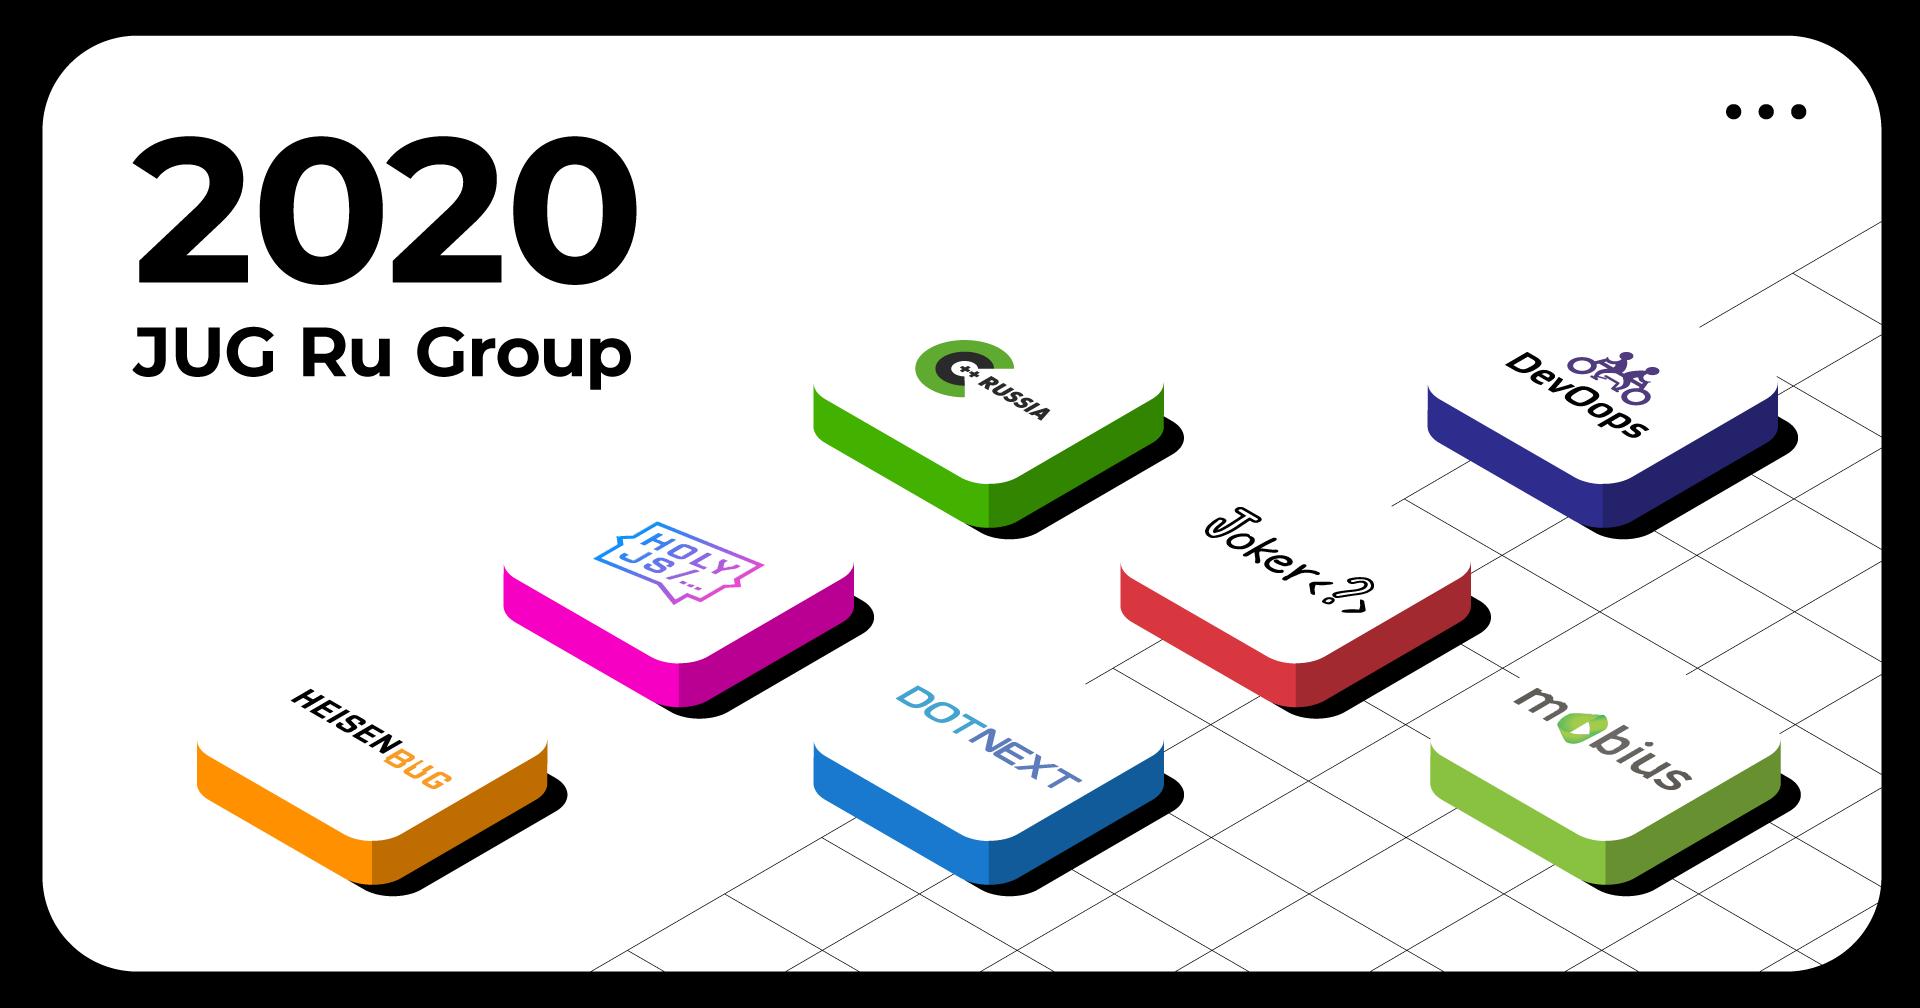 Анонс новых конференций JUG Ru Group: итоги прошедшего сезона, новые даты и доступ к докладам - 1